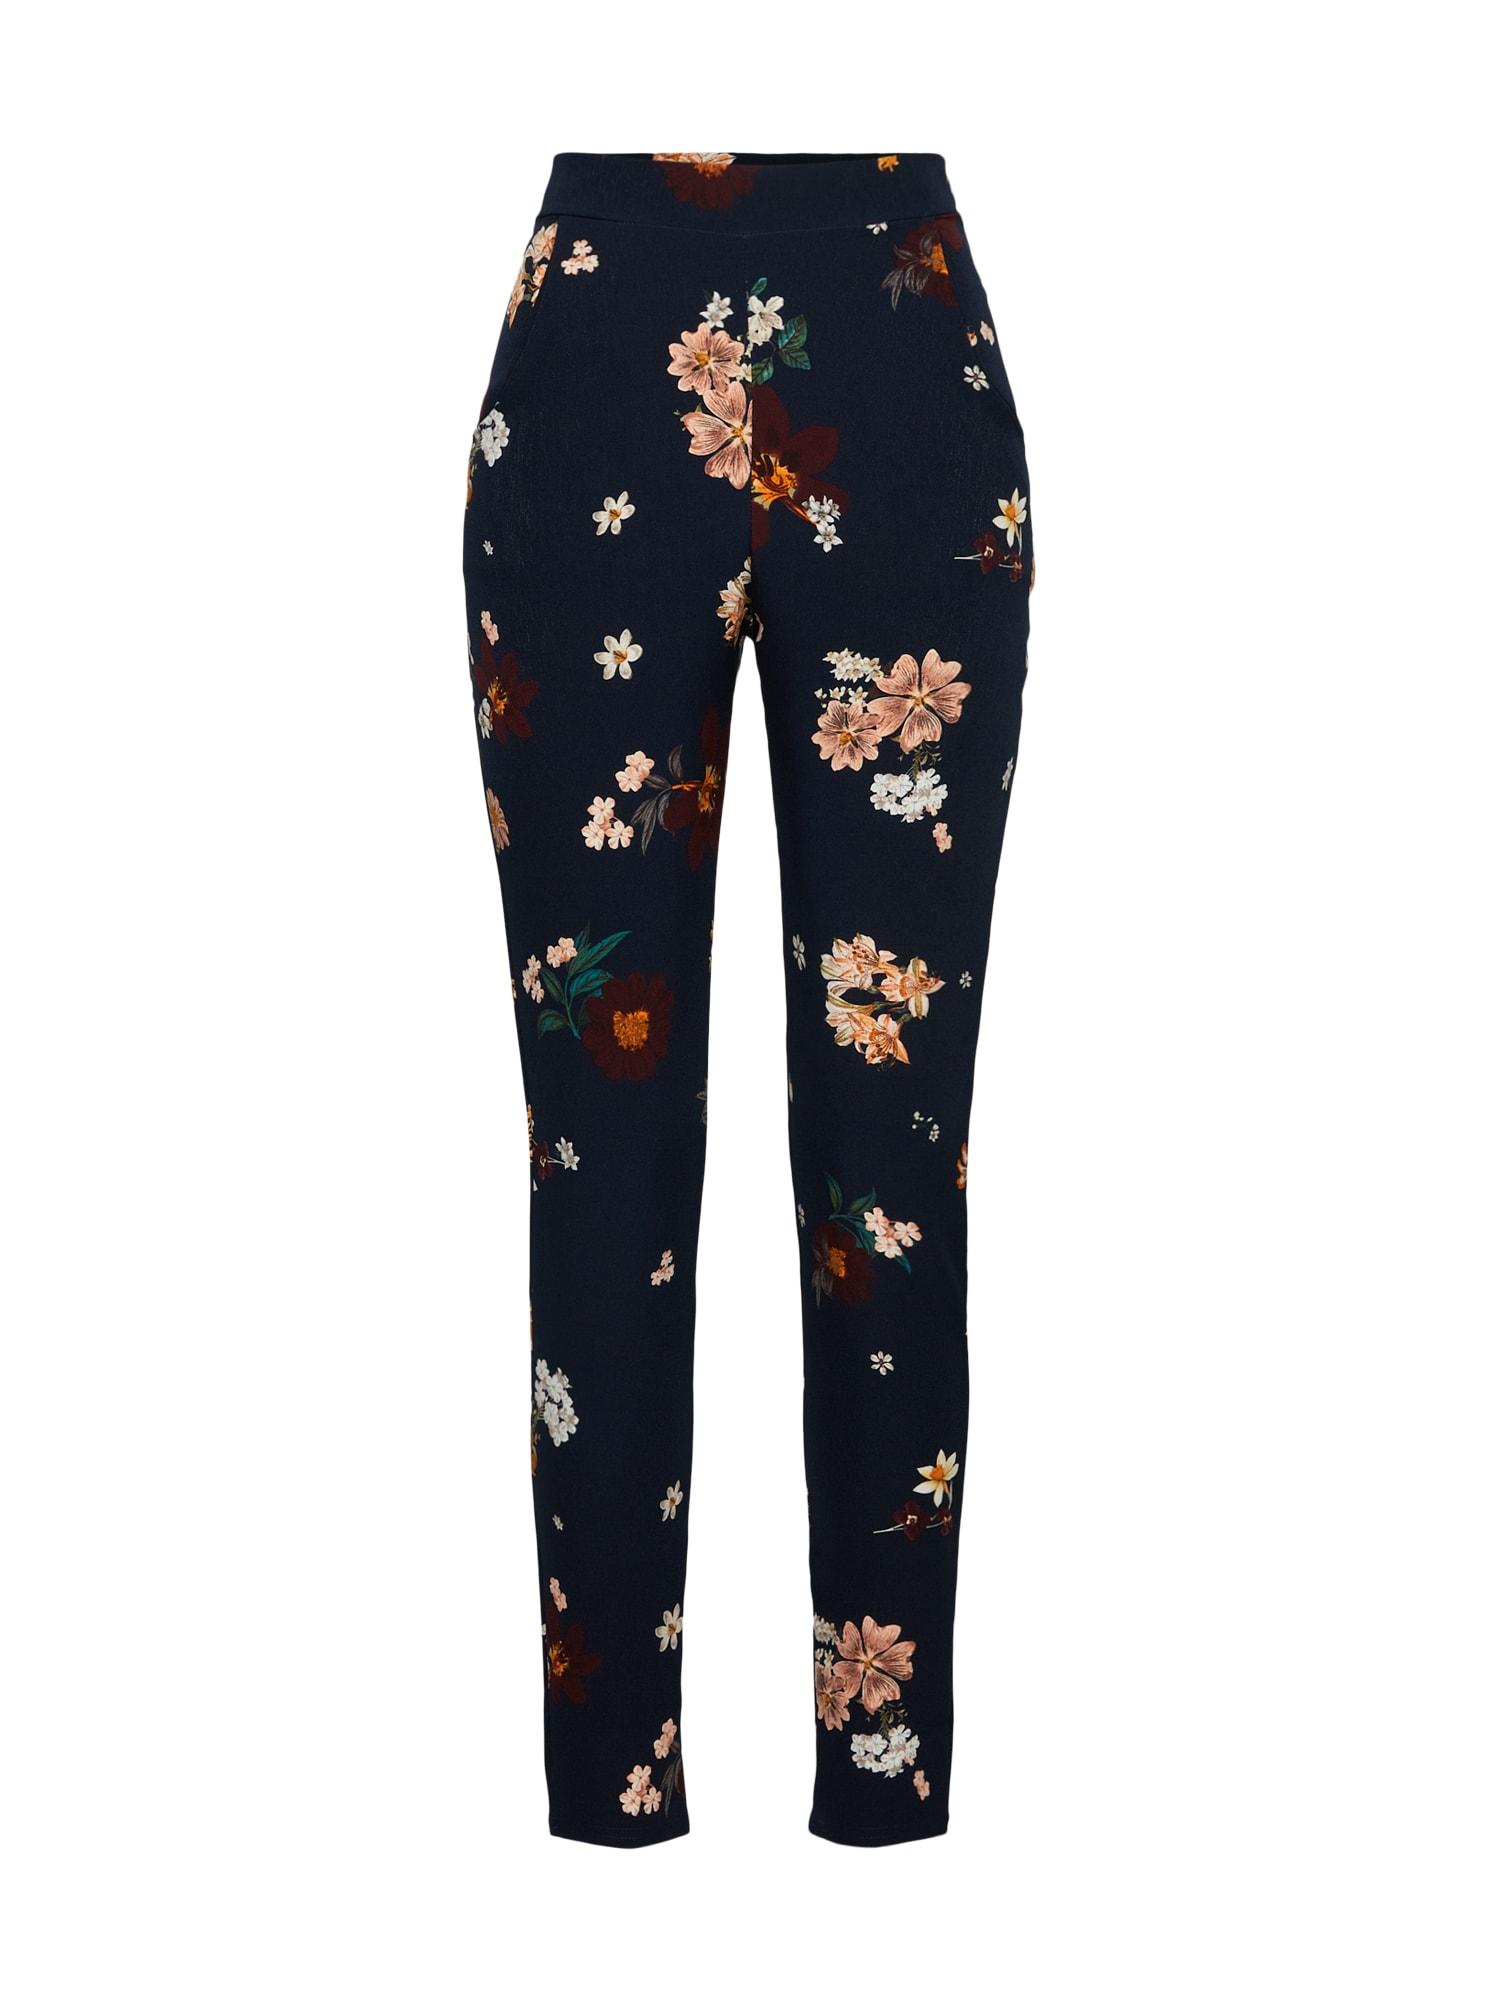 Kalhoty Floral Cigarette Trousers noční modrá mix barev Boohoo